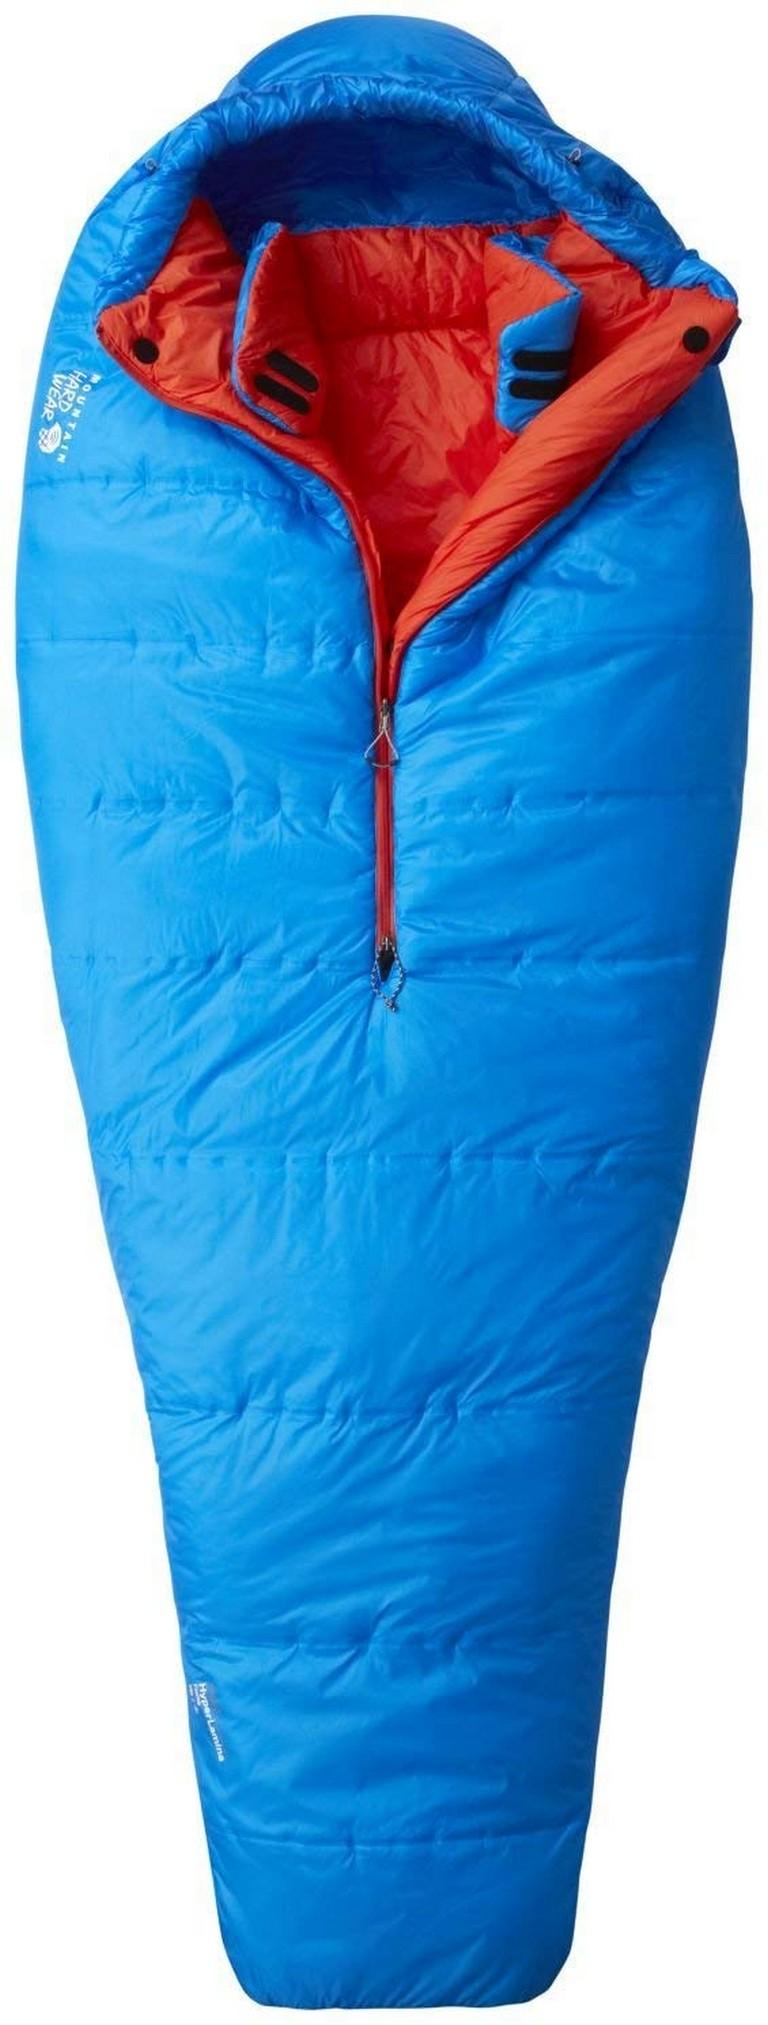 Sleeping Bag Alternatives